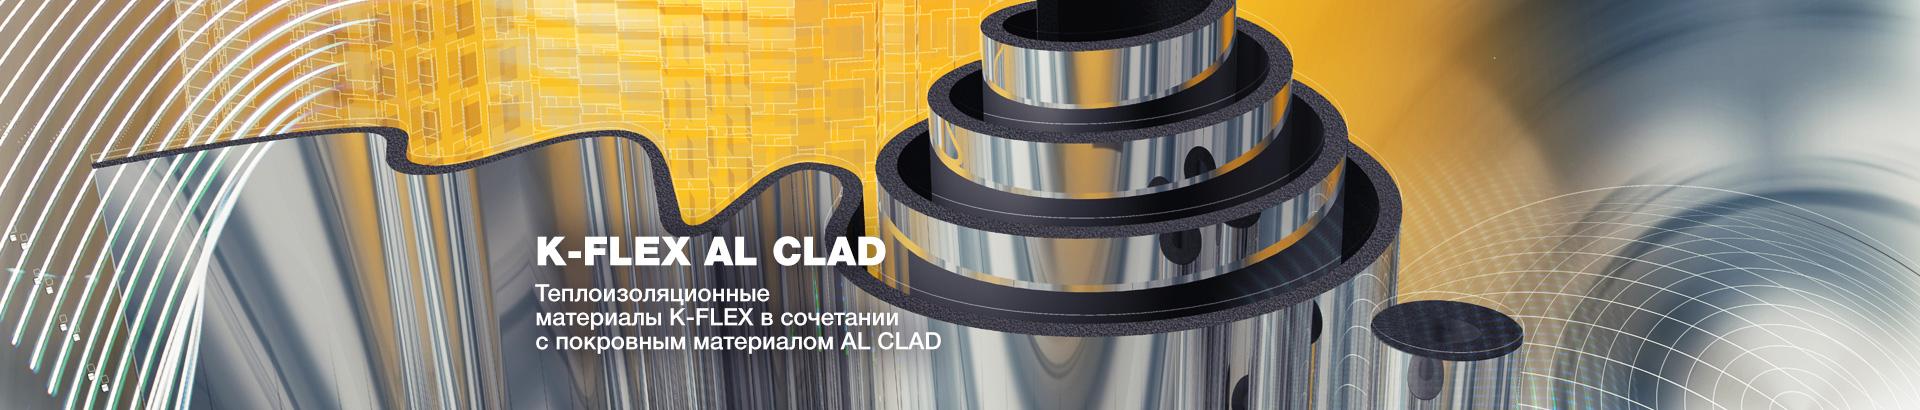 K-FLEX AL CLAD